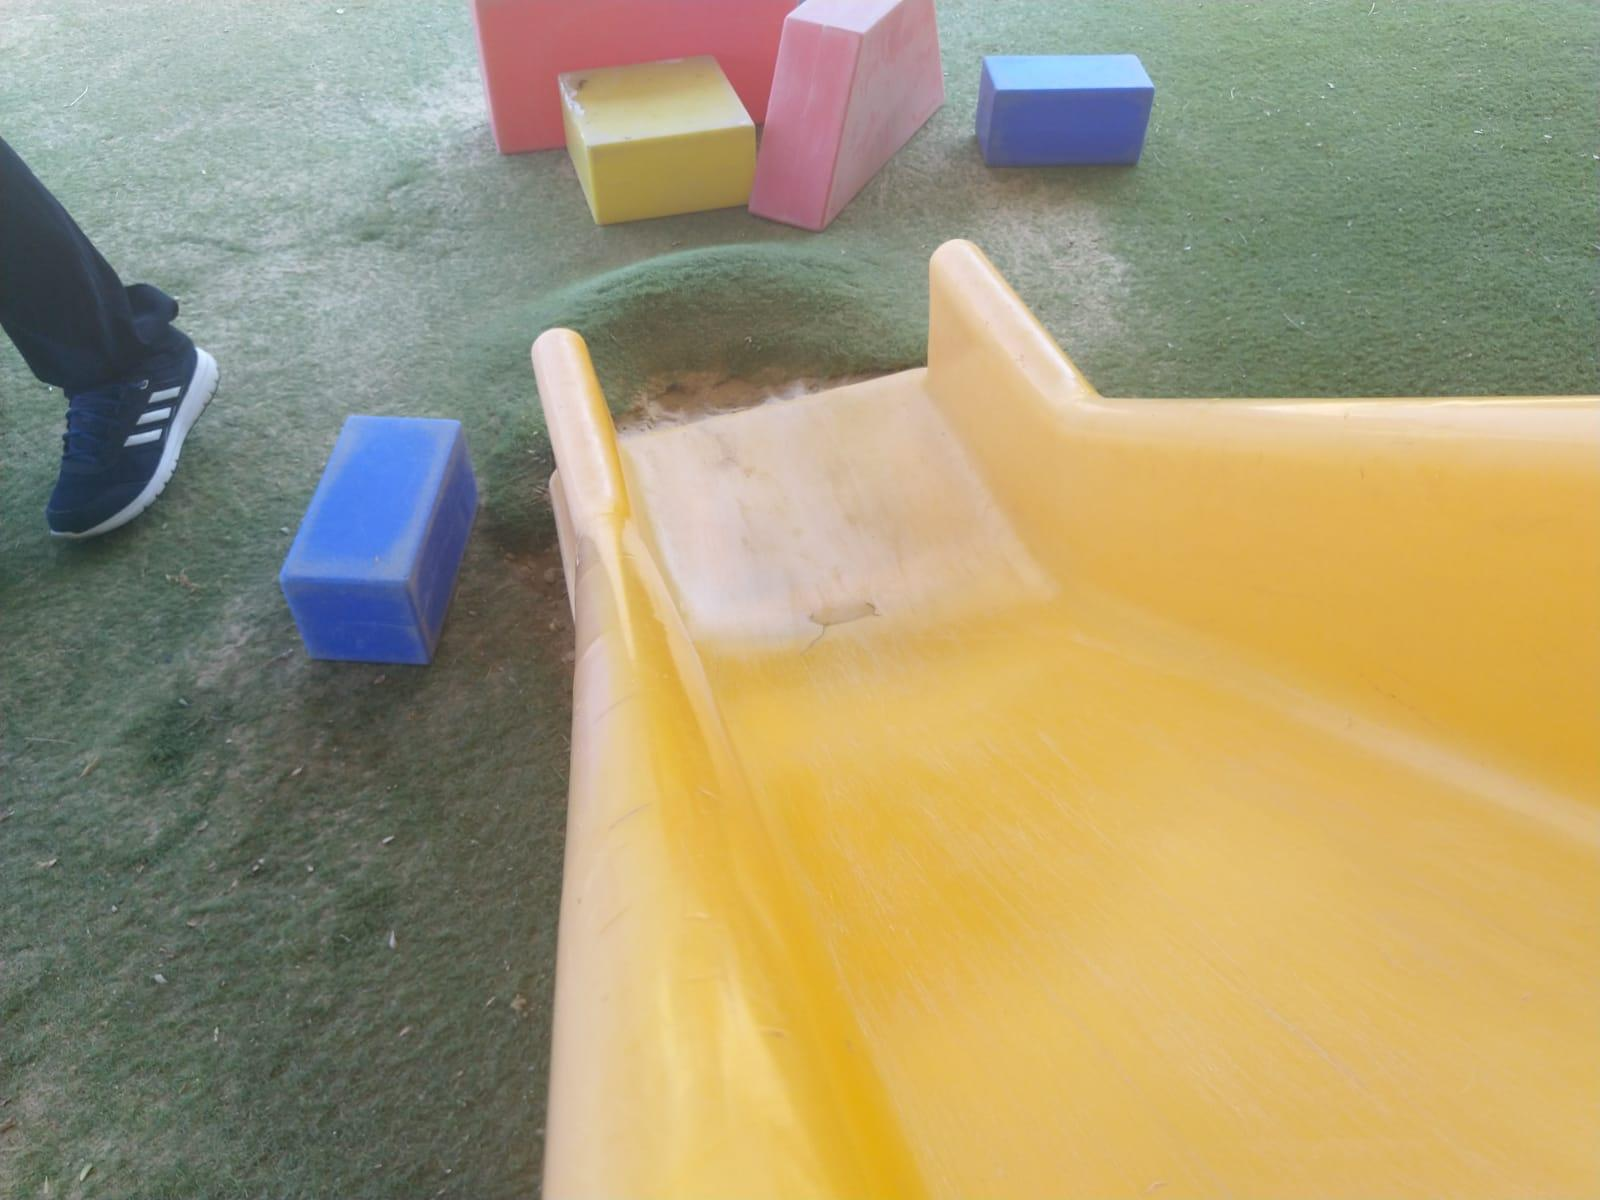 أبو قرينات: روضات تهدد سلامة الأطفال بسبب الإهمال